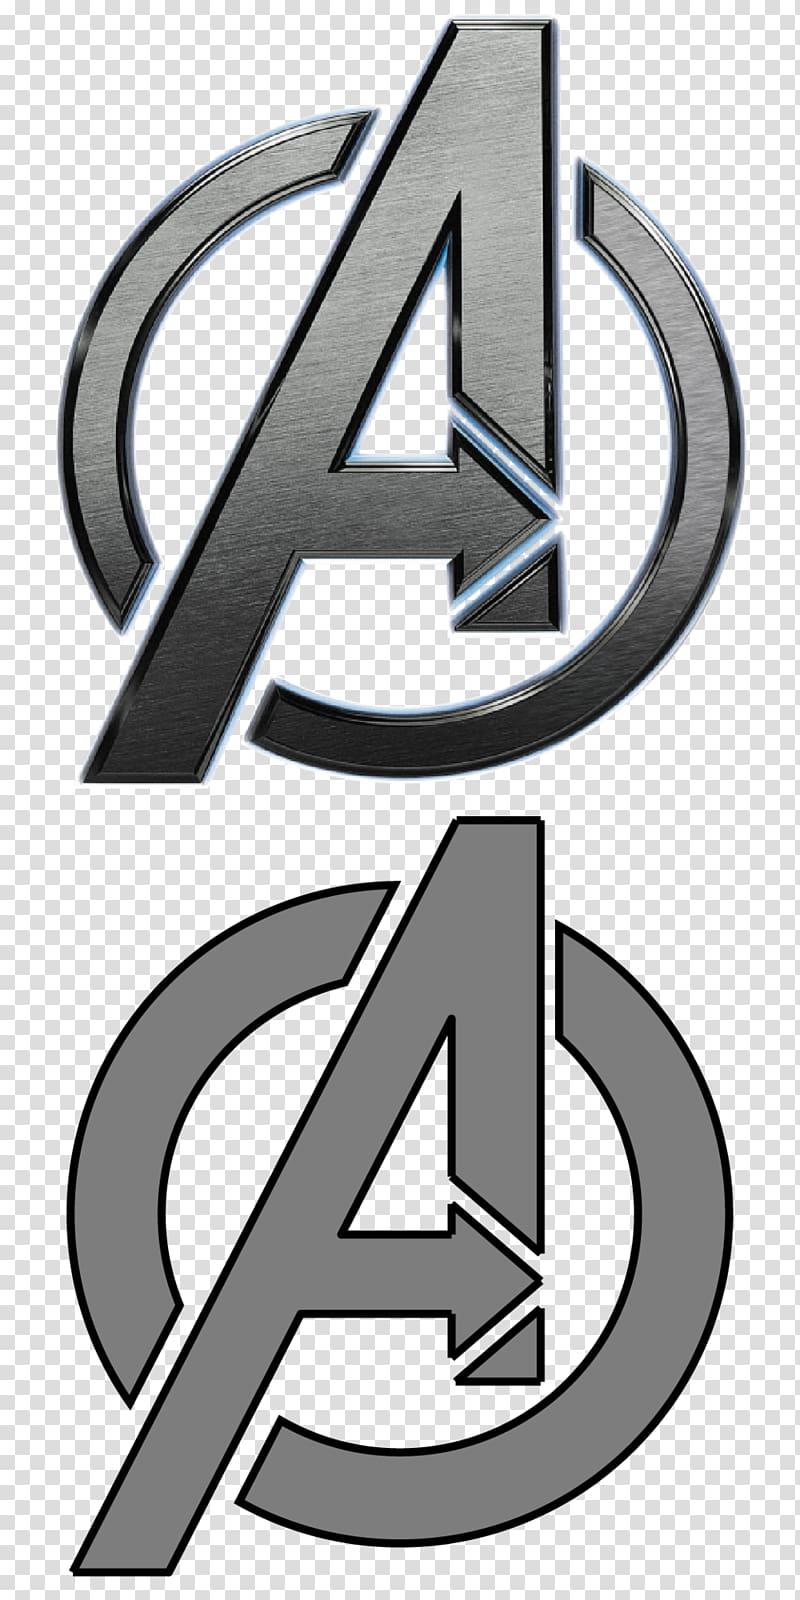 Marvels Avenger logo, Captain America Thor Logo Black Widow.